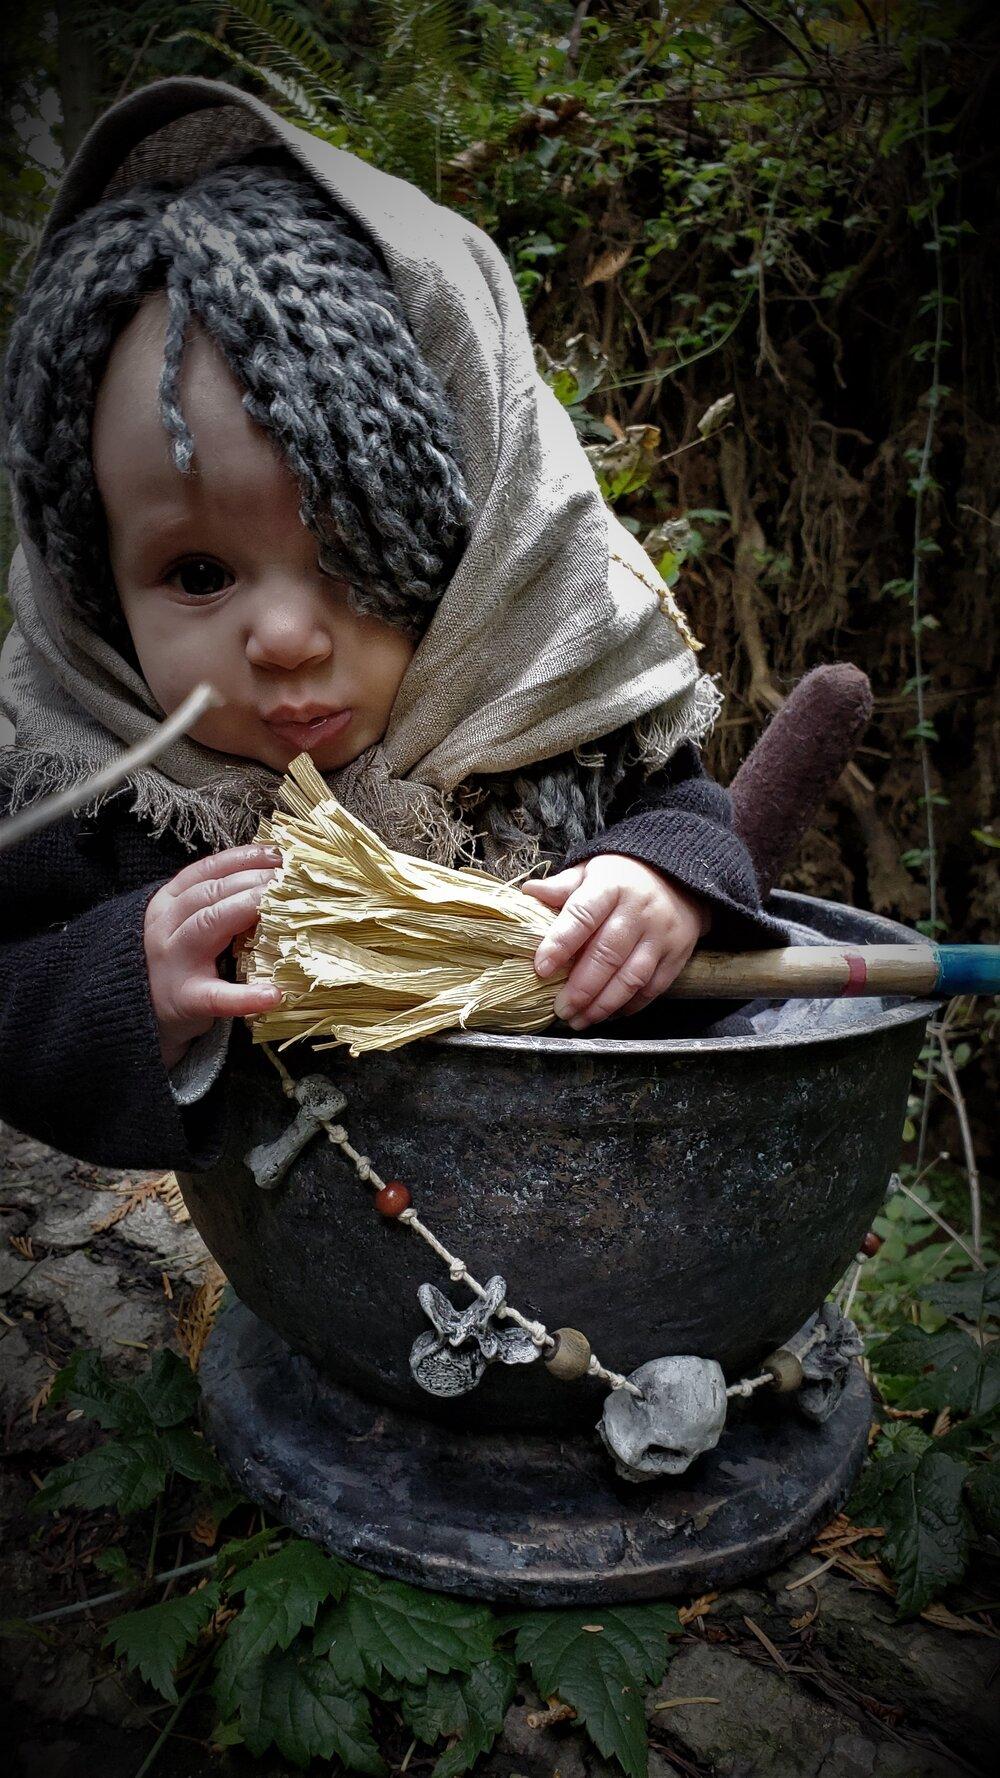 Baby Baba Yaga in mortar